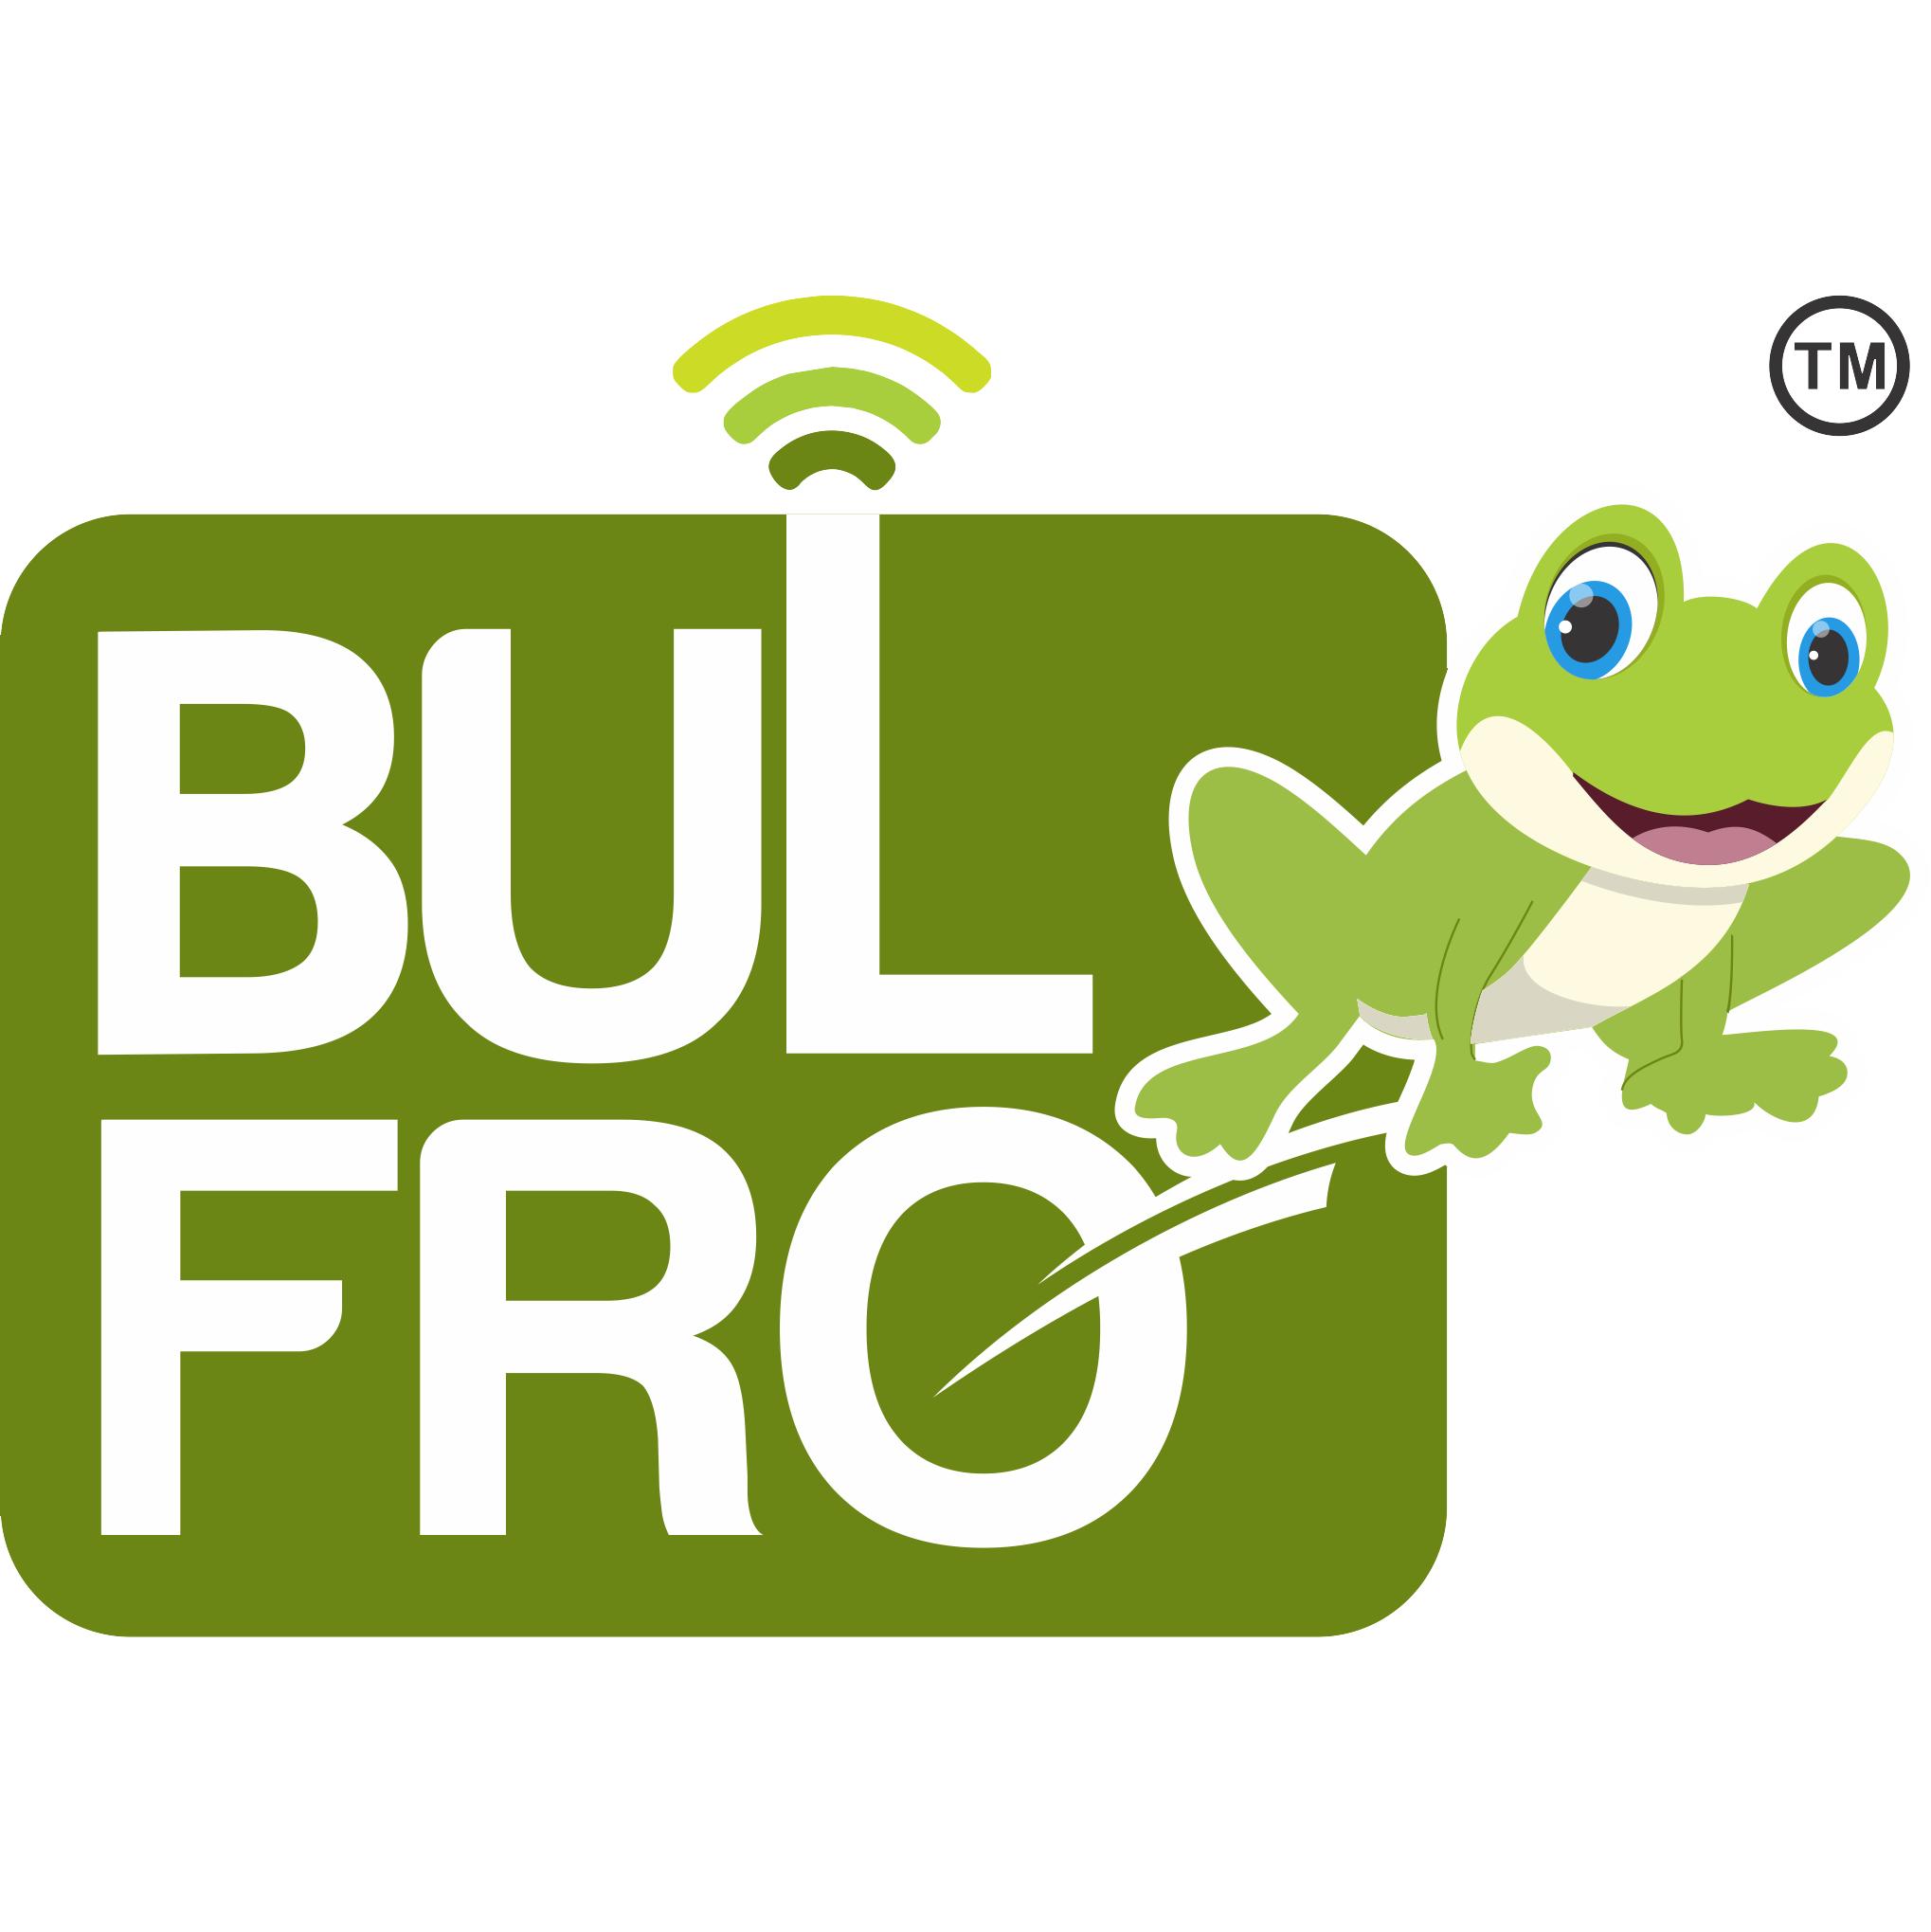 Bulfro